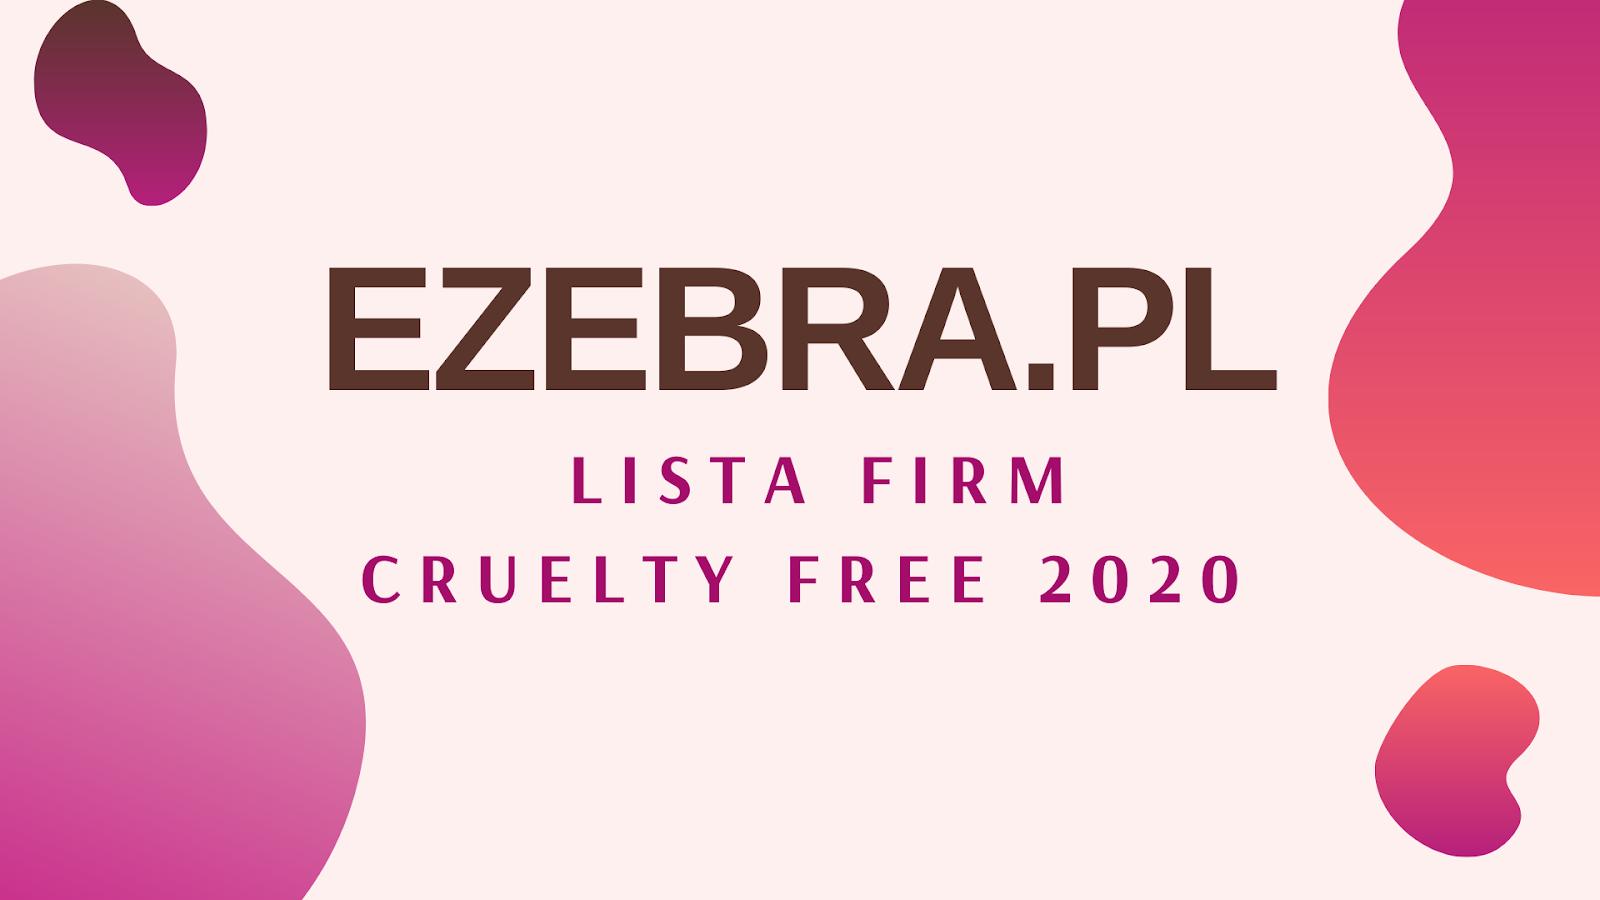 EZEBRA.PL / LISTA FIRM CRUELTY FREE 2020